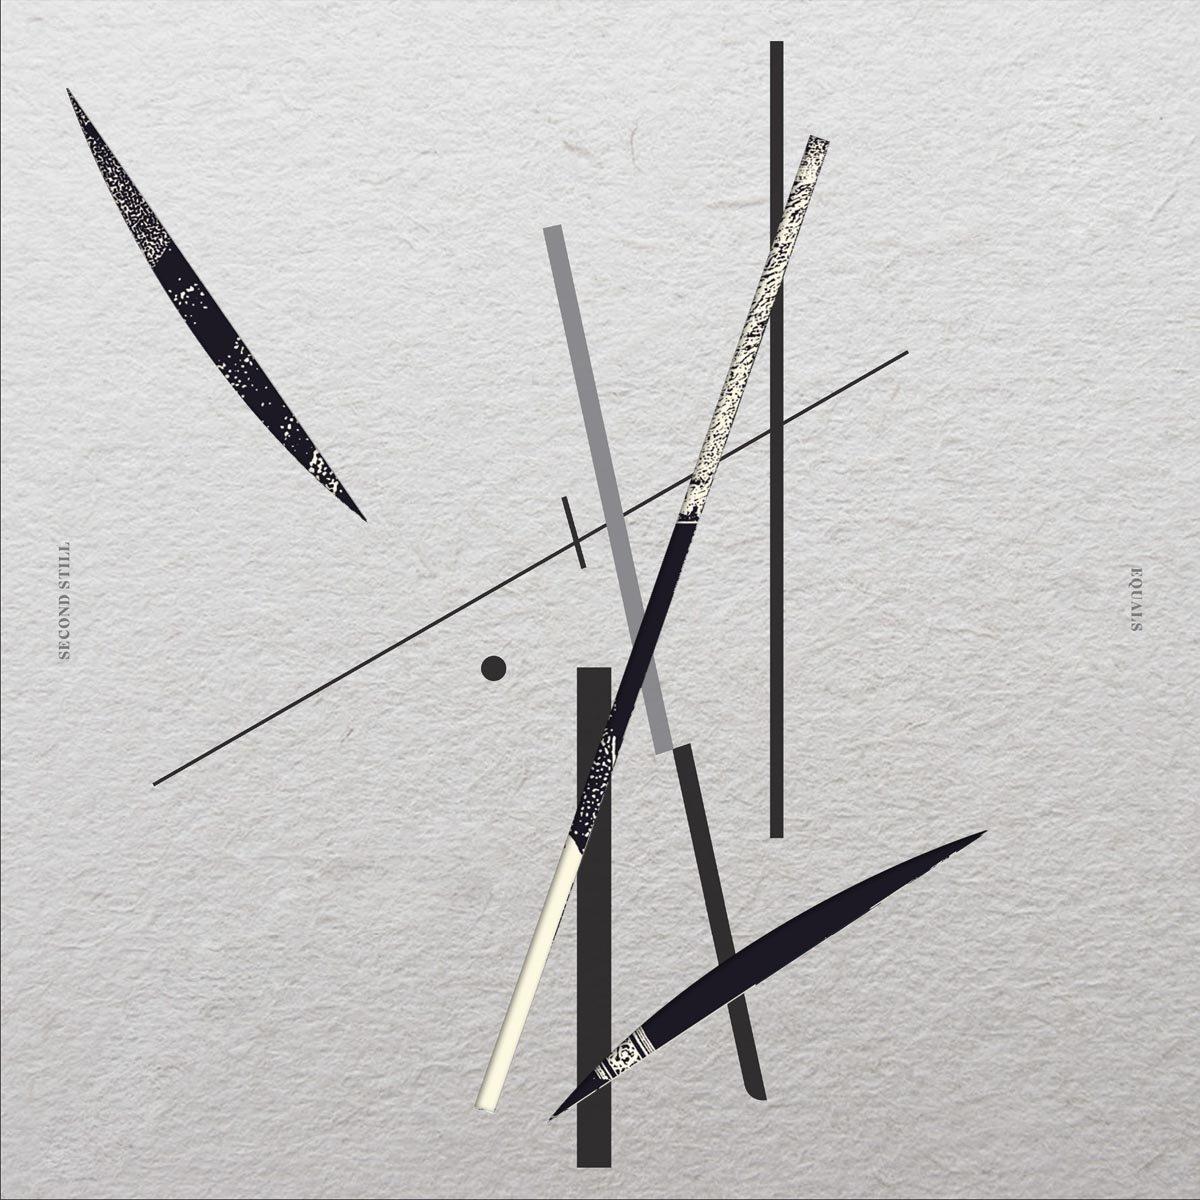 Vinilo : Second Still - Equals (12 Inch Single)